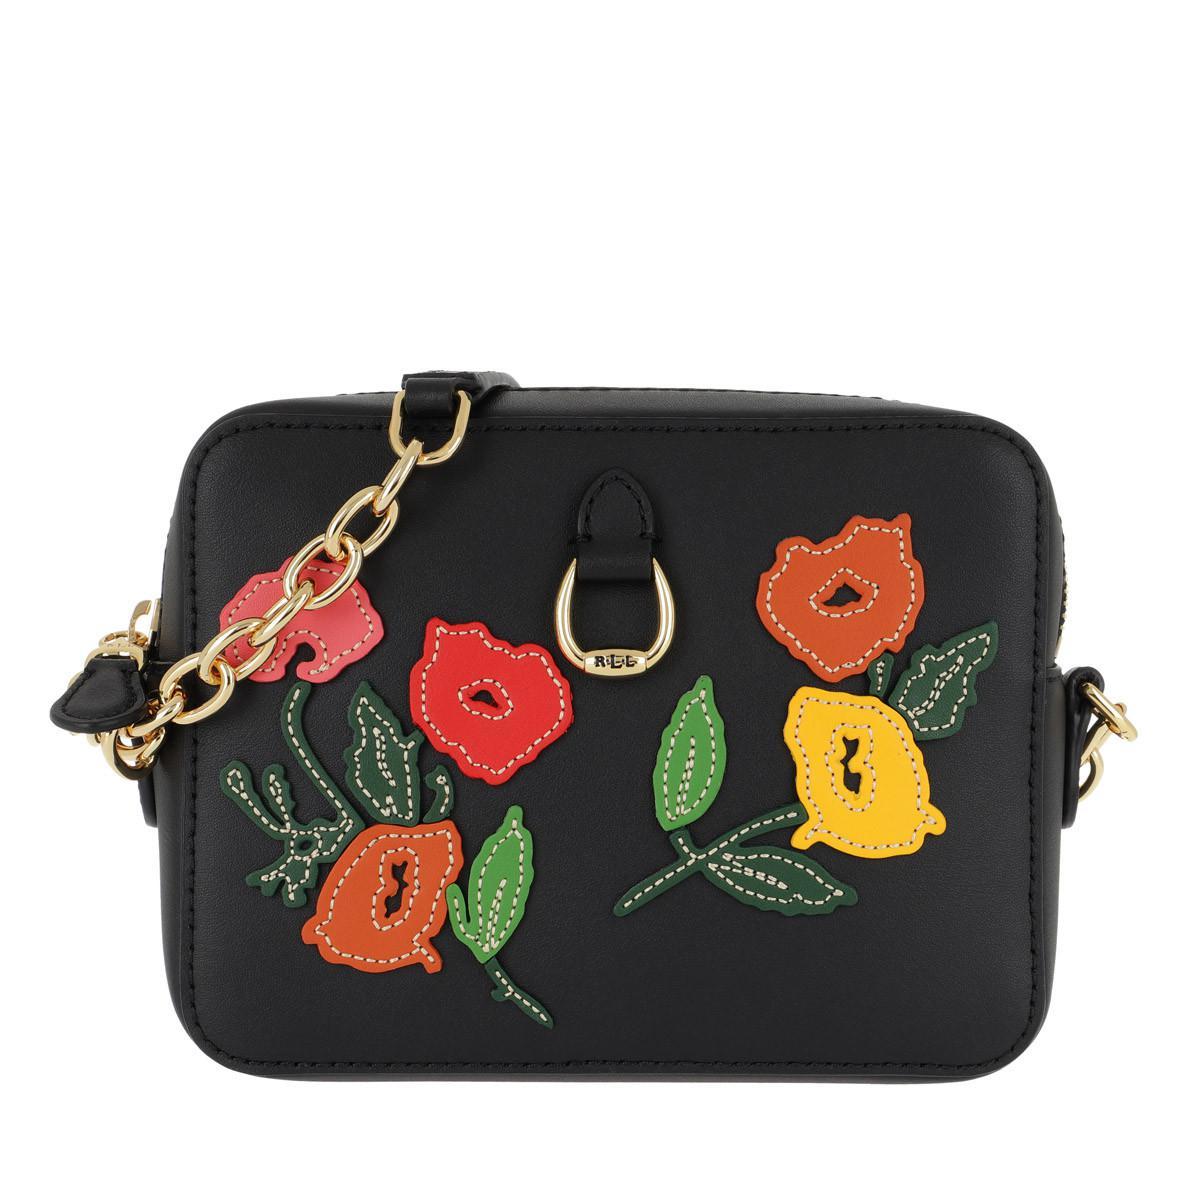 a07250f284 Lauren by Ralph Lauren Bennington Crossbody Bag Black multi Floral ...